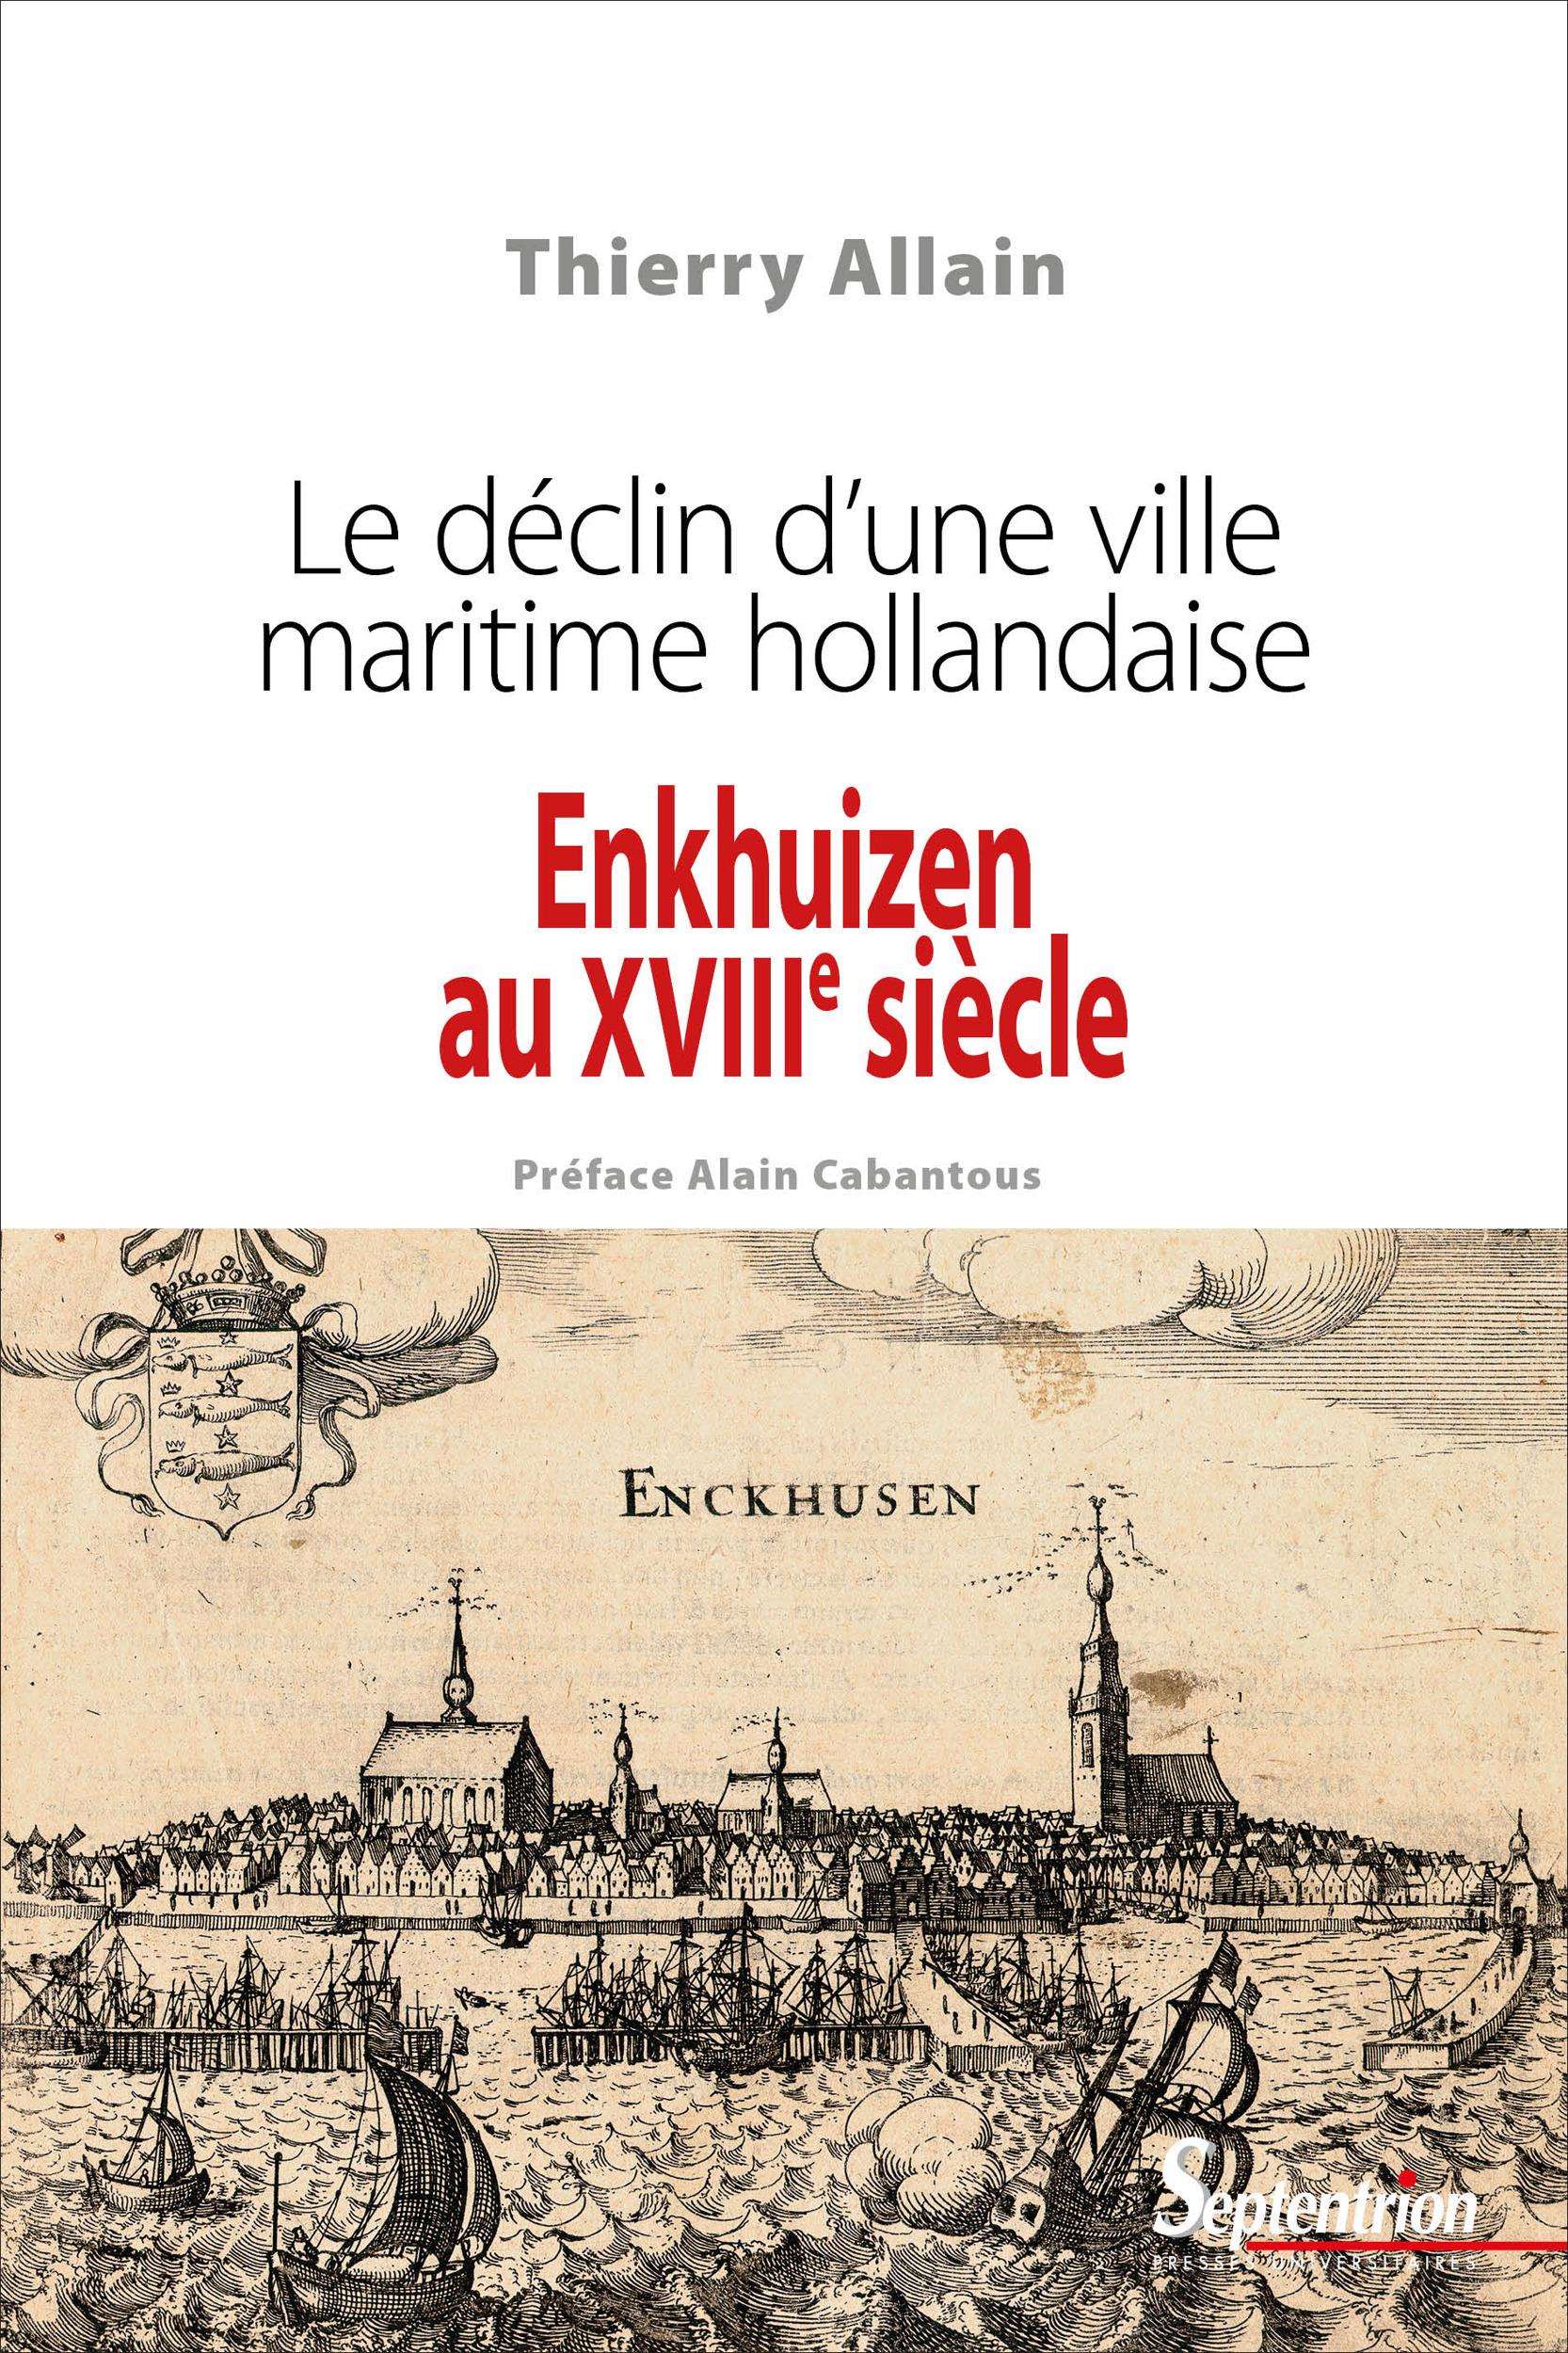 Thierry Allain Enkhuizen au xviiie siècle